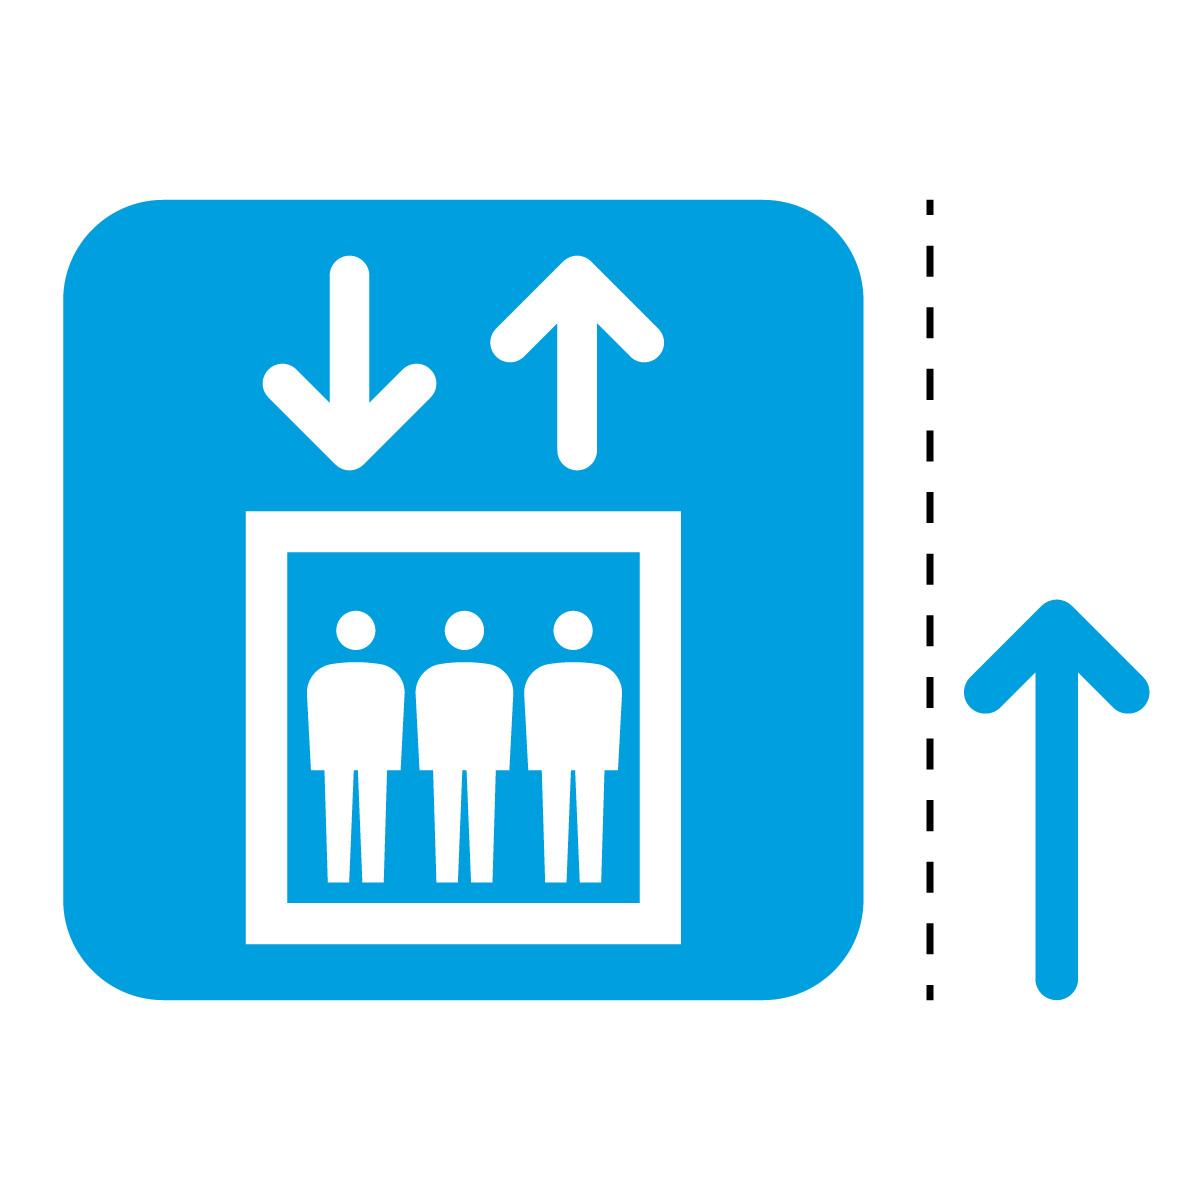 青色のエレベーター案内マーク(矢印付き)のカッティングステッカー・シール 光沢タイプ・耐水・屋外耐候3~4年